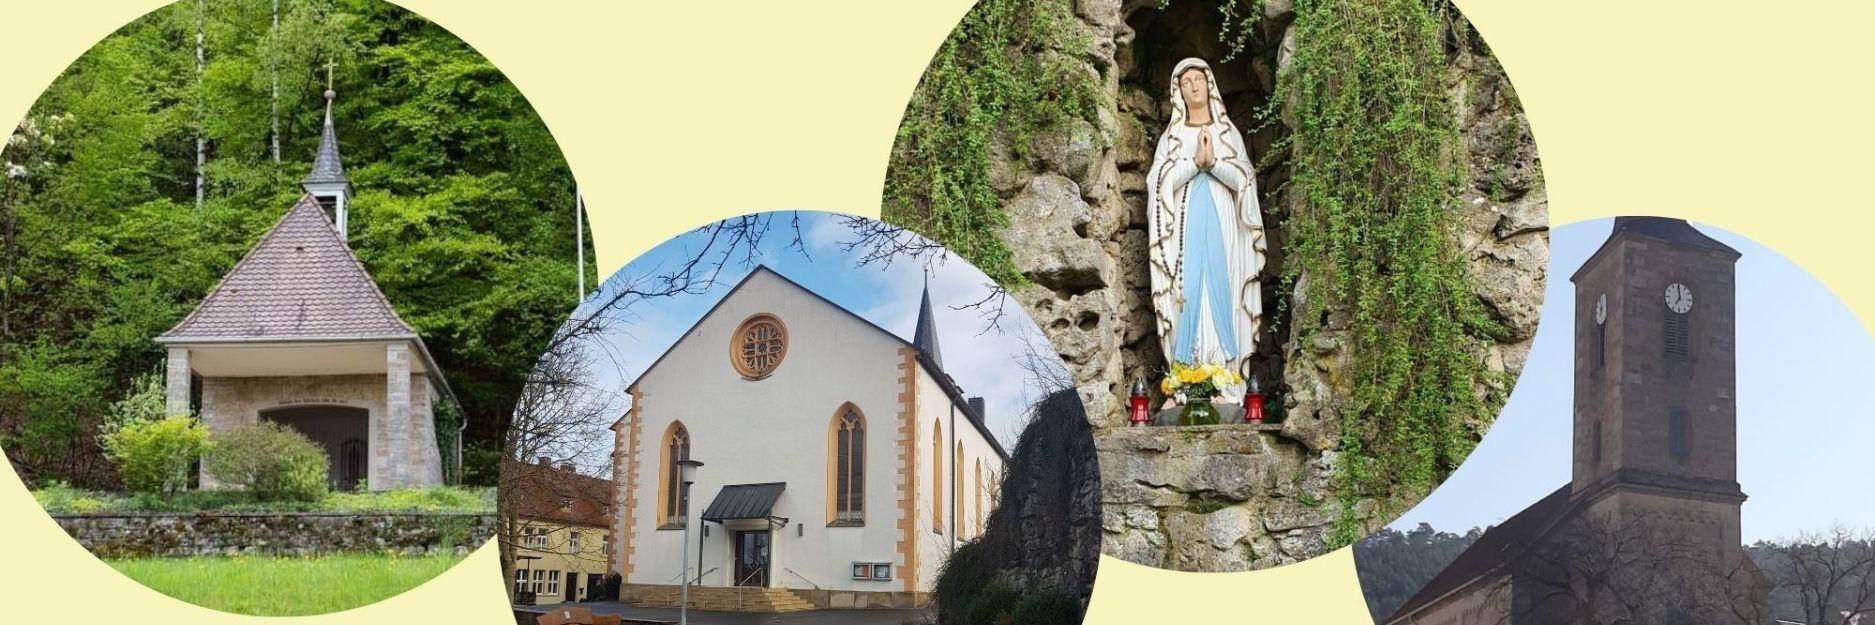 Pfarrei Nüdlingen und Haard